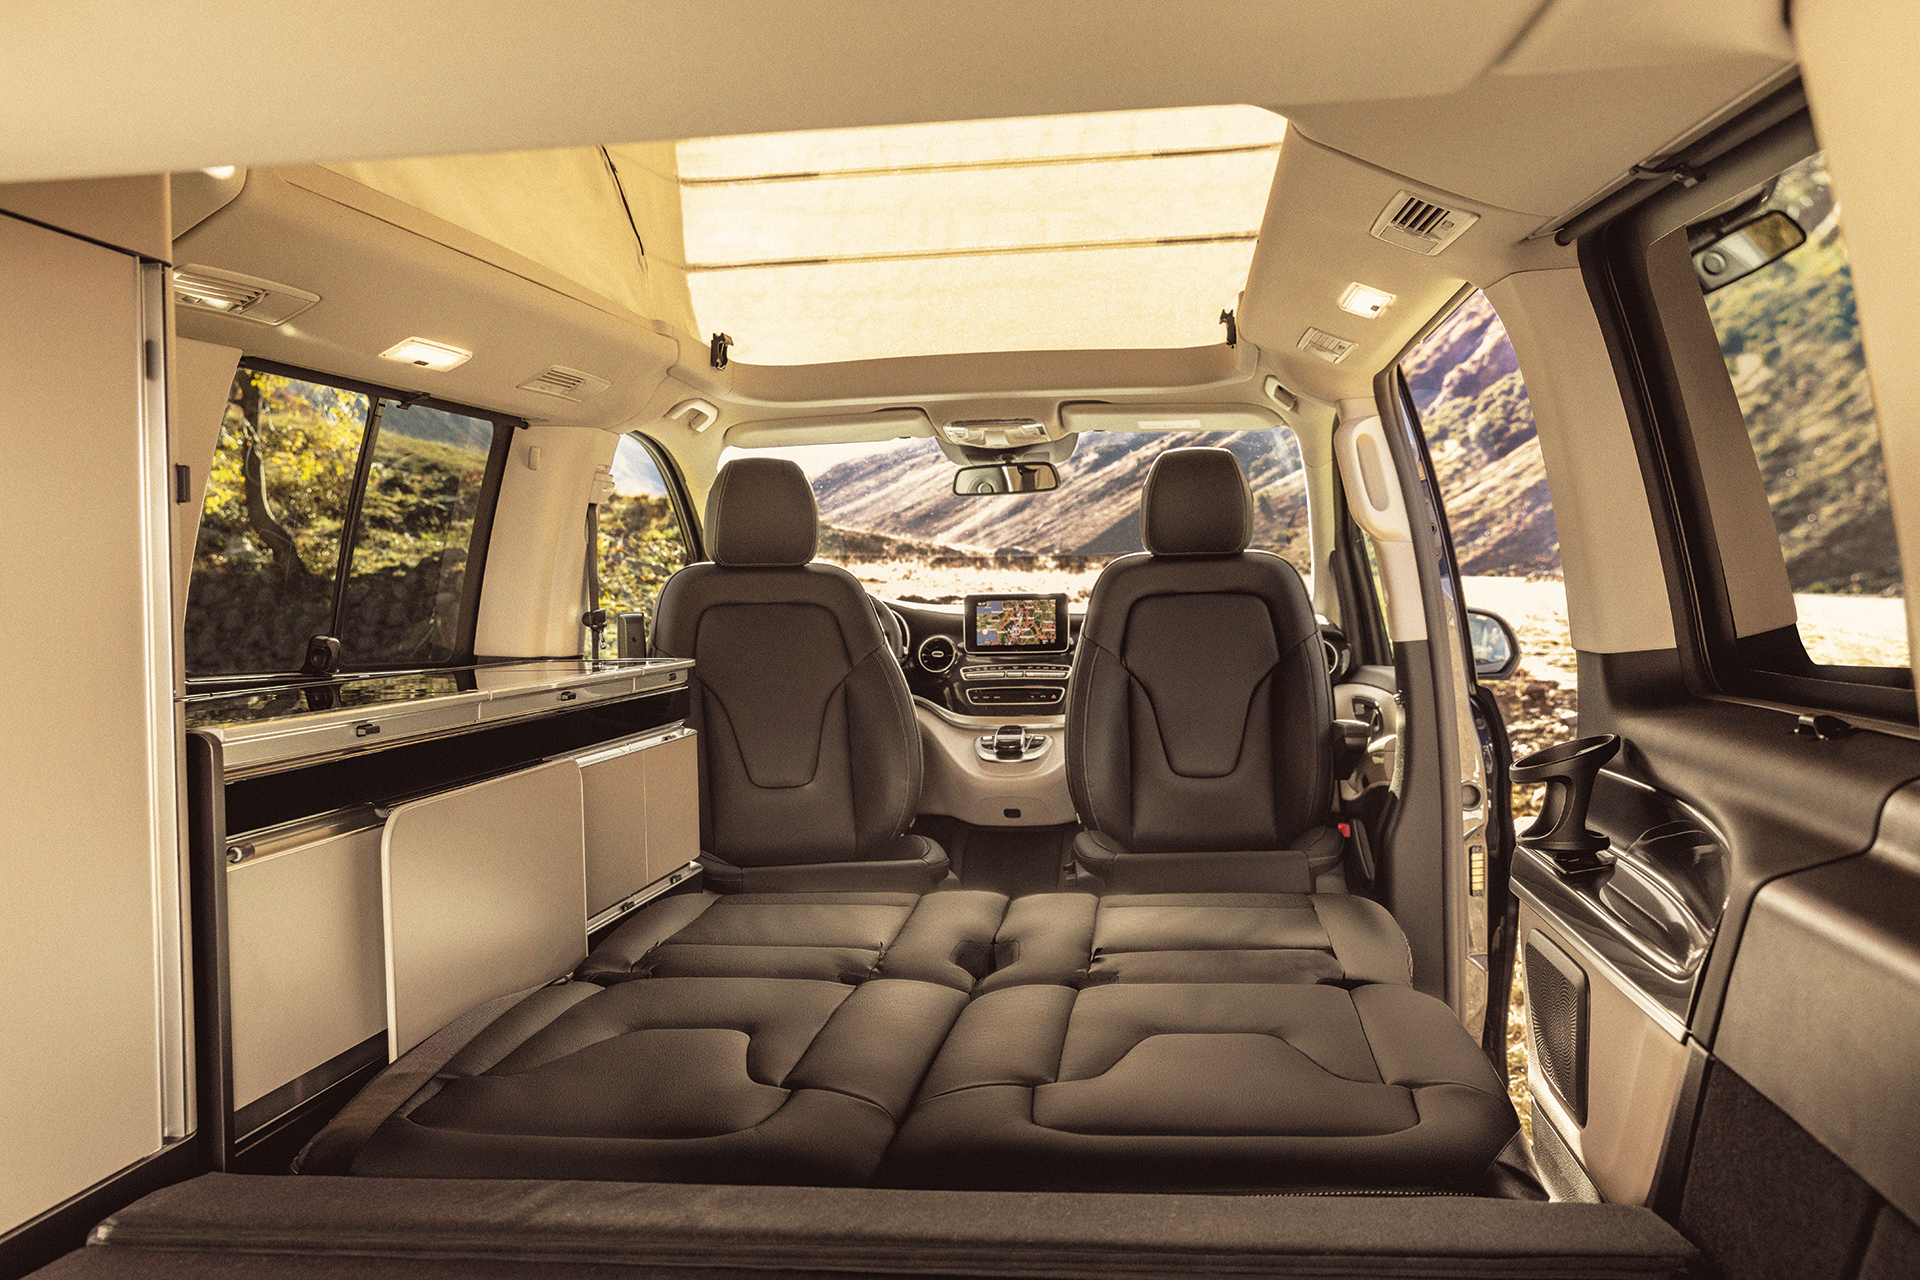 Der neue Mercedes-Benz Marco PoloThe new Mercedes-Benz Marco Polo